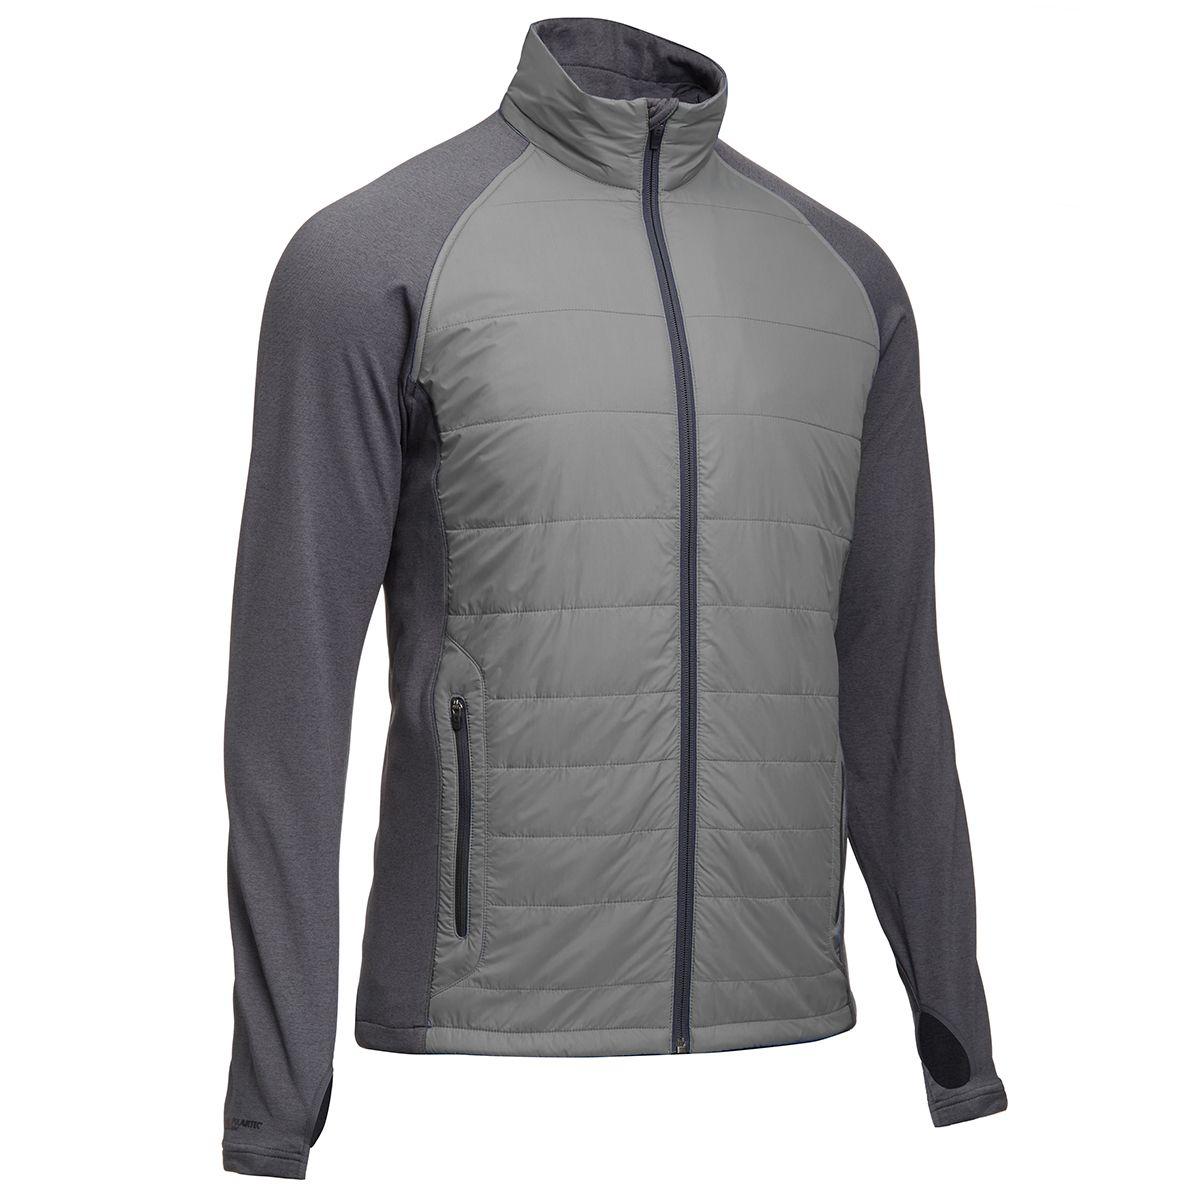 Eastern Mountain Sports Jackets, Winter jackets